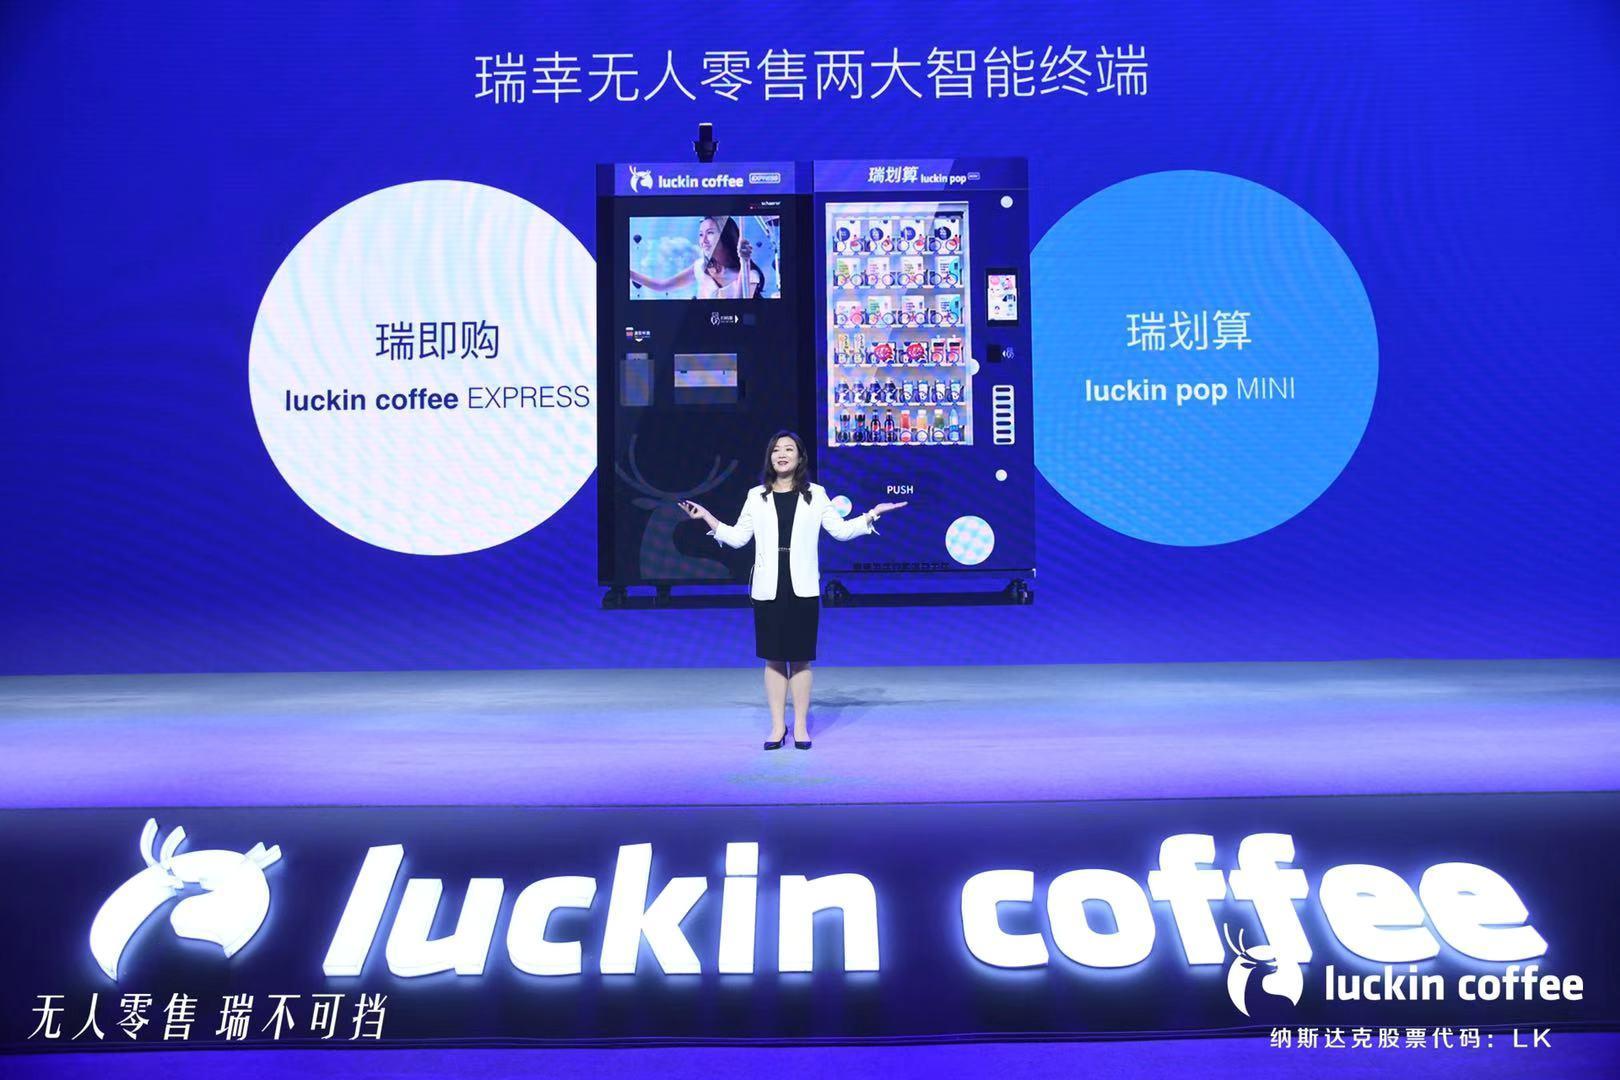 瑞幸咖啡直营门店数达4507家进军无人零售完善全渠道流量体